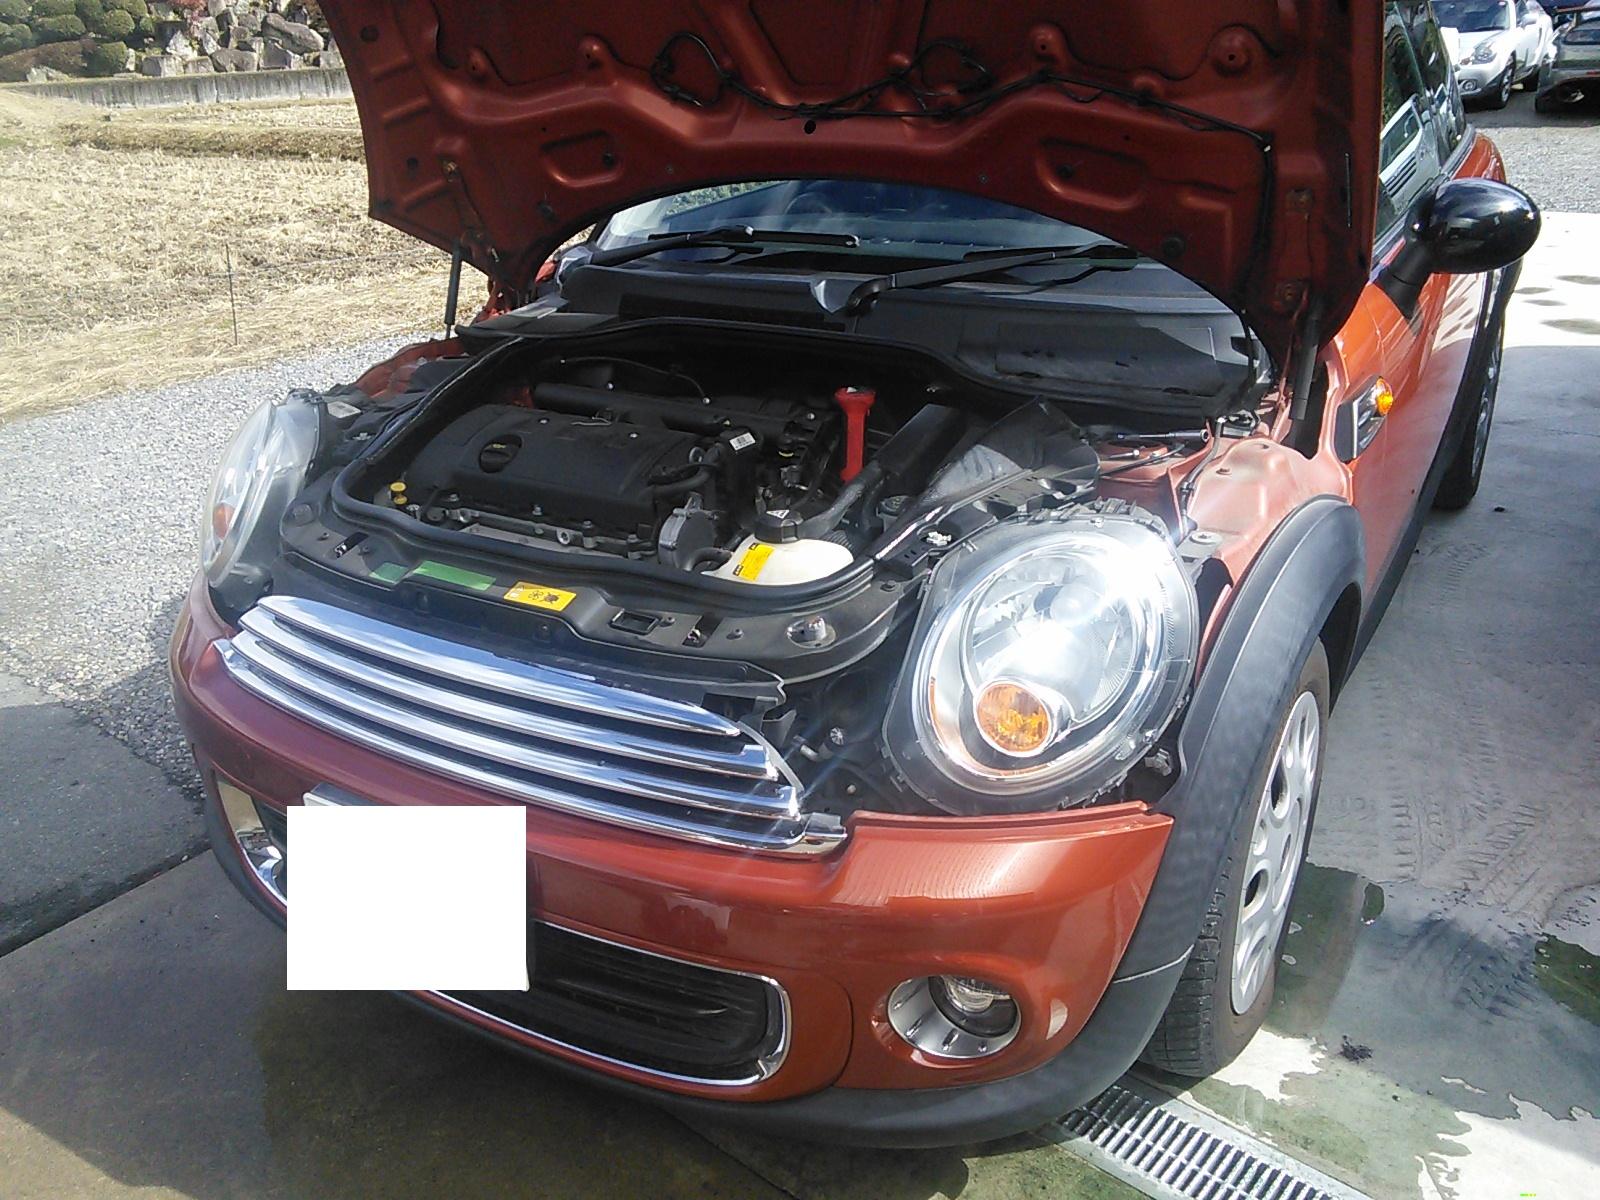 BMWミニ エンジンかかり悪い    豊田市 BMWミニ修理